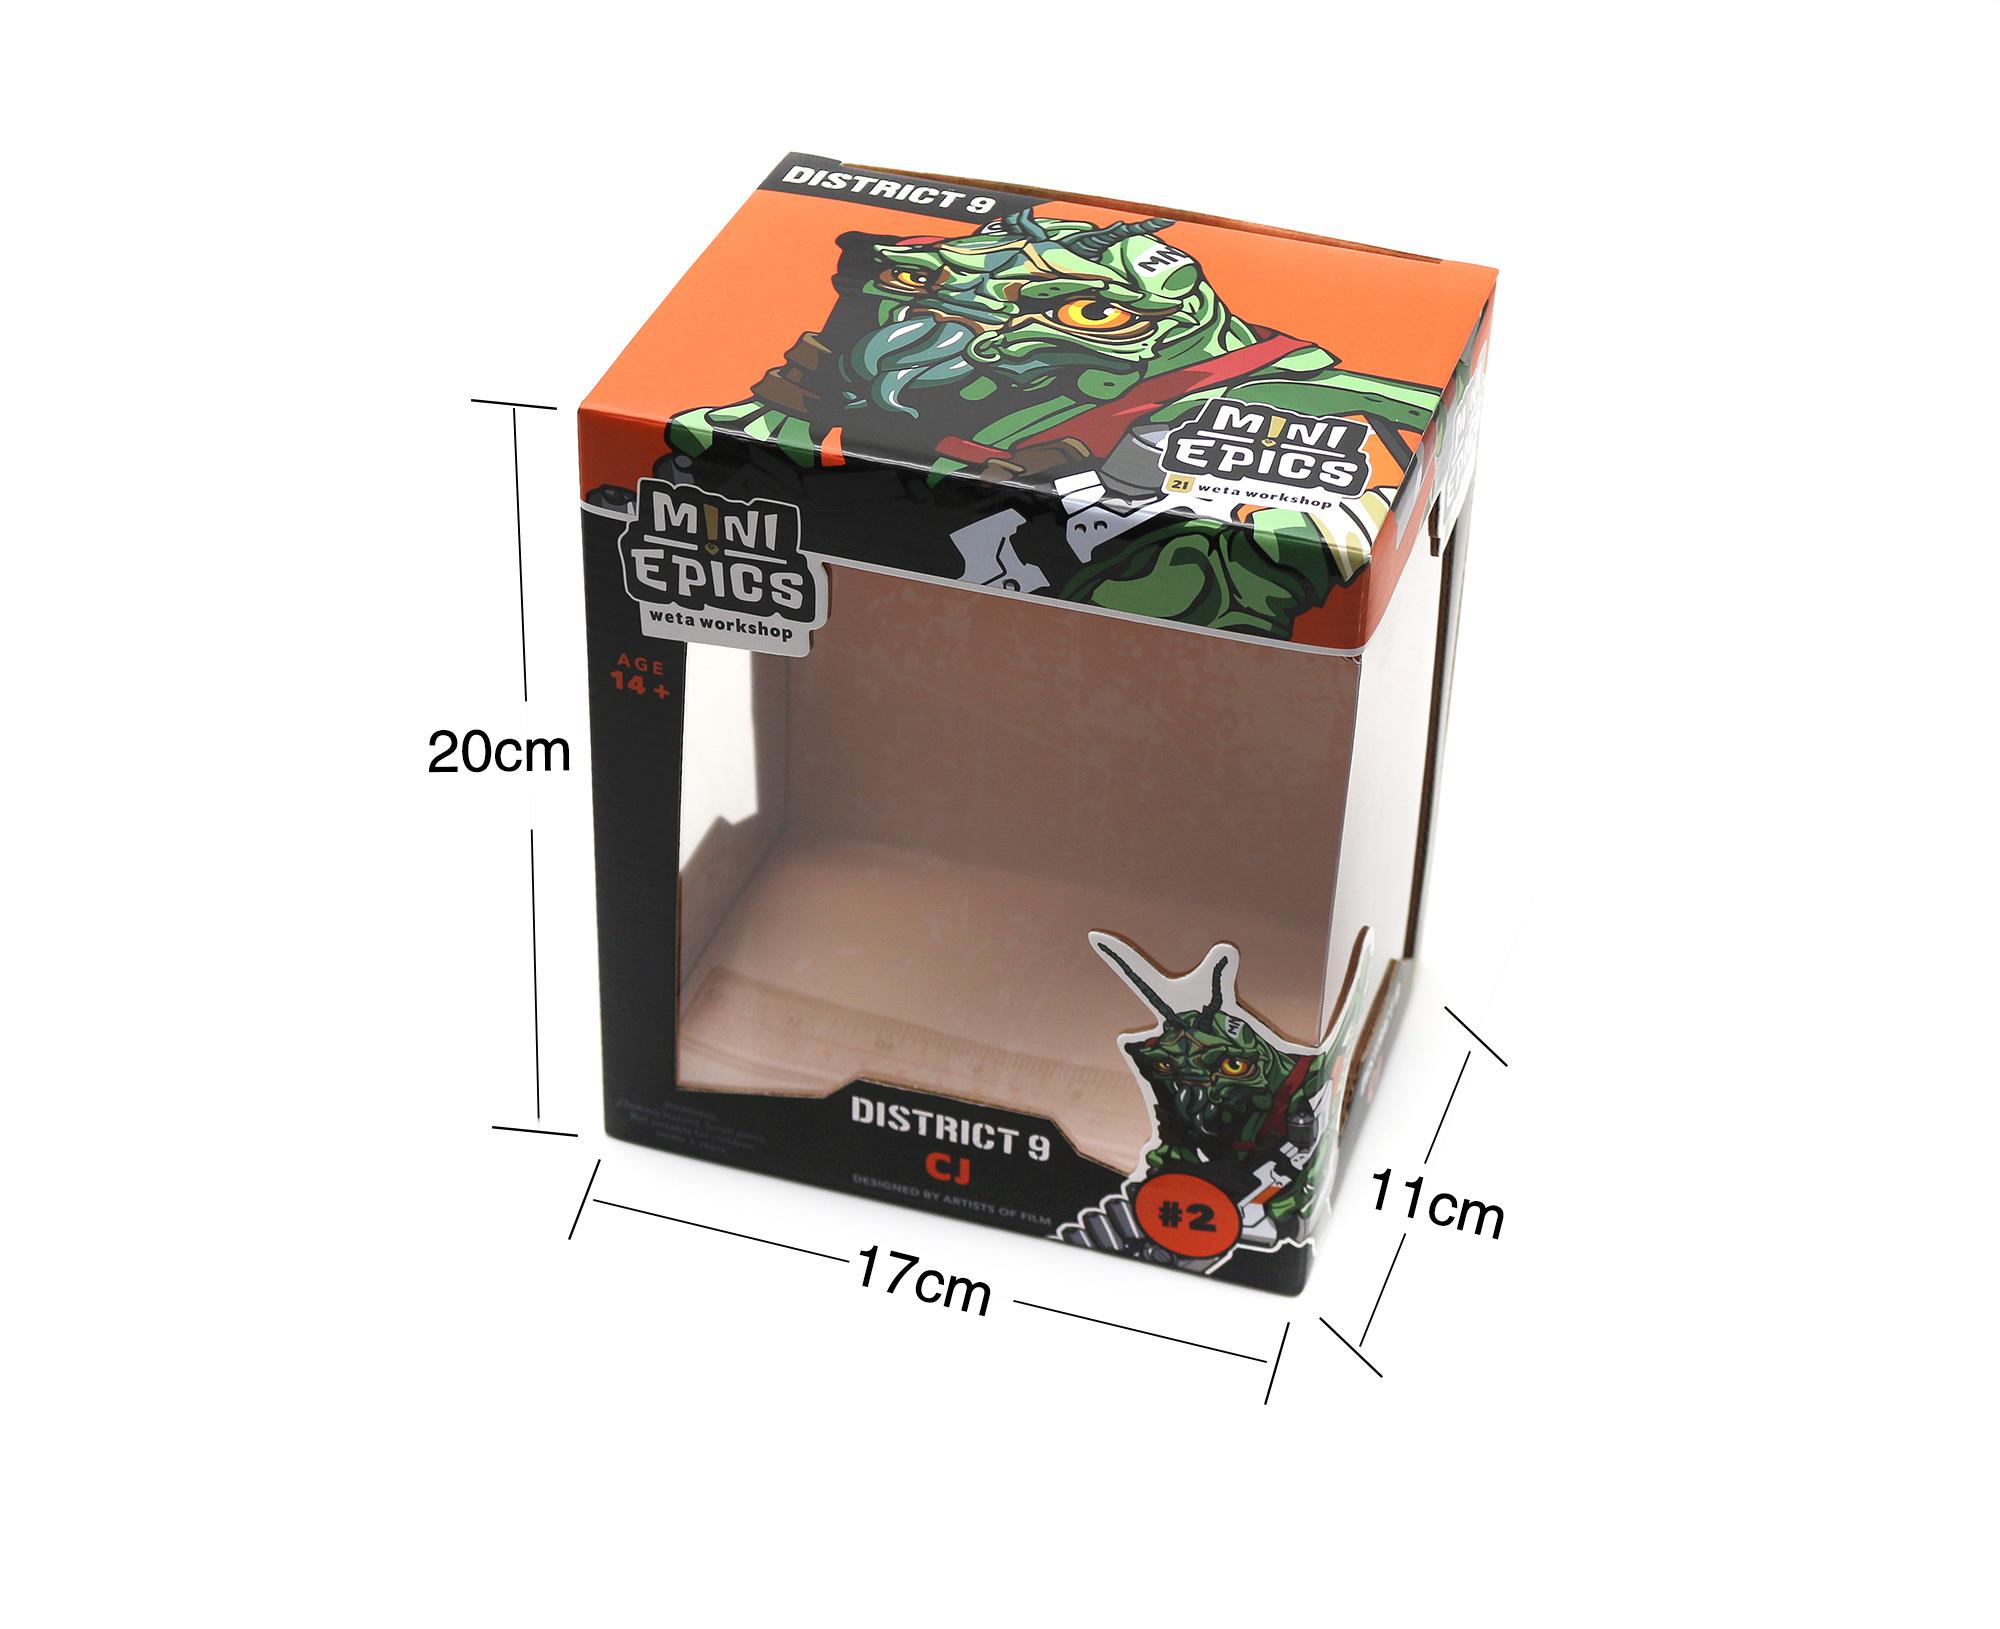 厂家定制玩具包装盒瓦楞盒包装,高质量印刷透明窗口设计高端定制